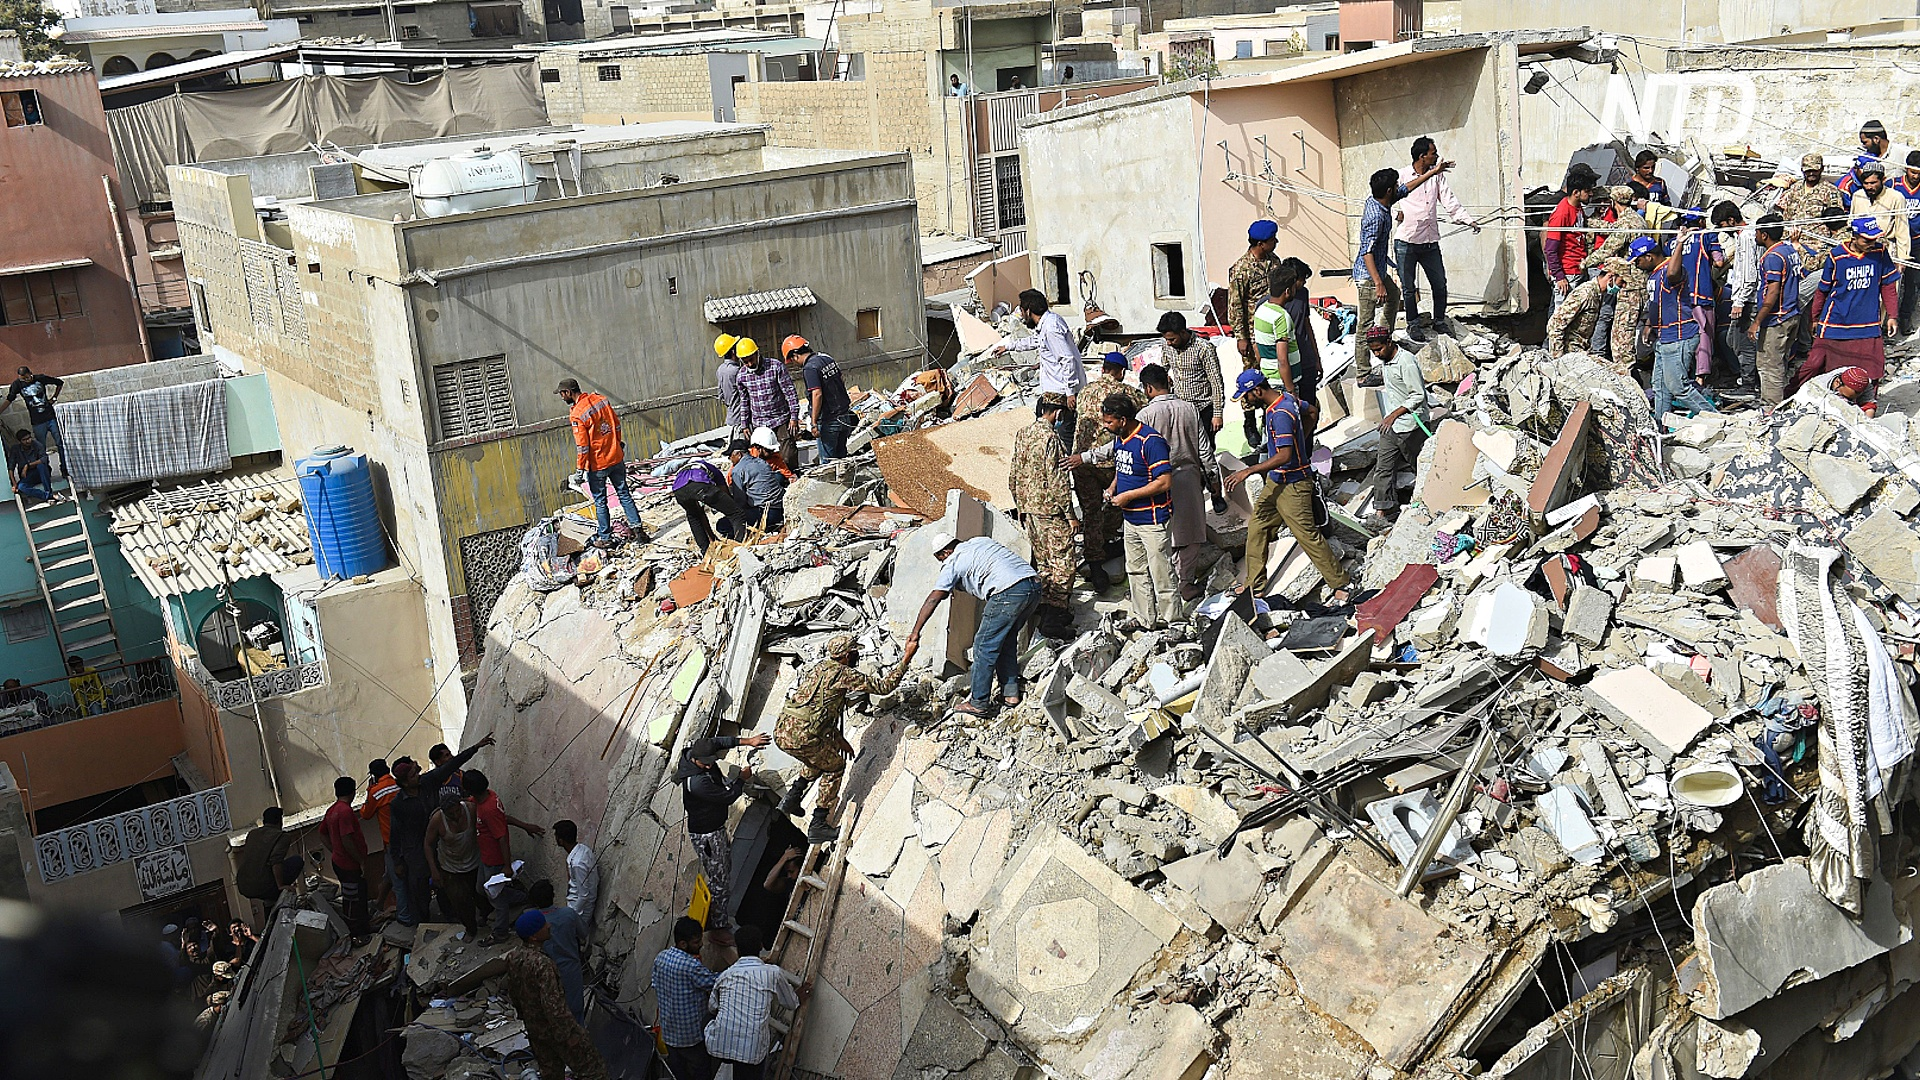 В Карачи рухнул жилой дом: 11 погибших